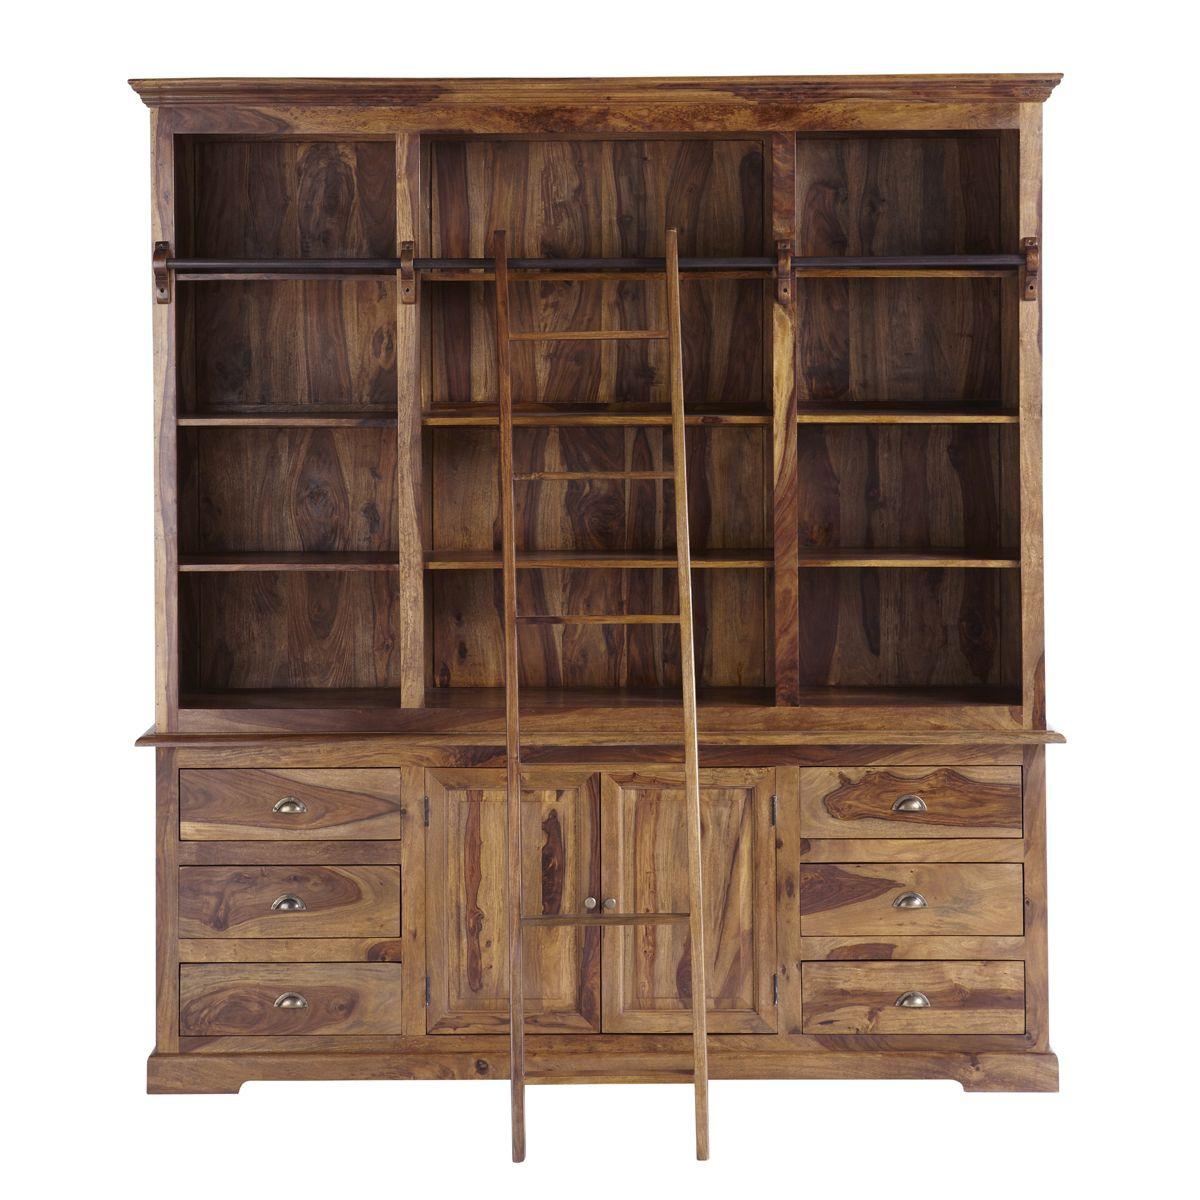 Bibliotheque Luberon - Biblioth Que Bois Lub Ron Home Pinterest Maison Du Monde [mjhdah]http://www.maisonsdumonde.com/images/produits/FR/fr/taille_hd/7/34/129717_7.jpg